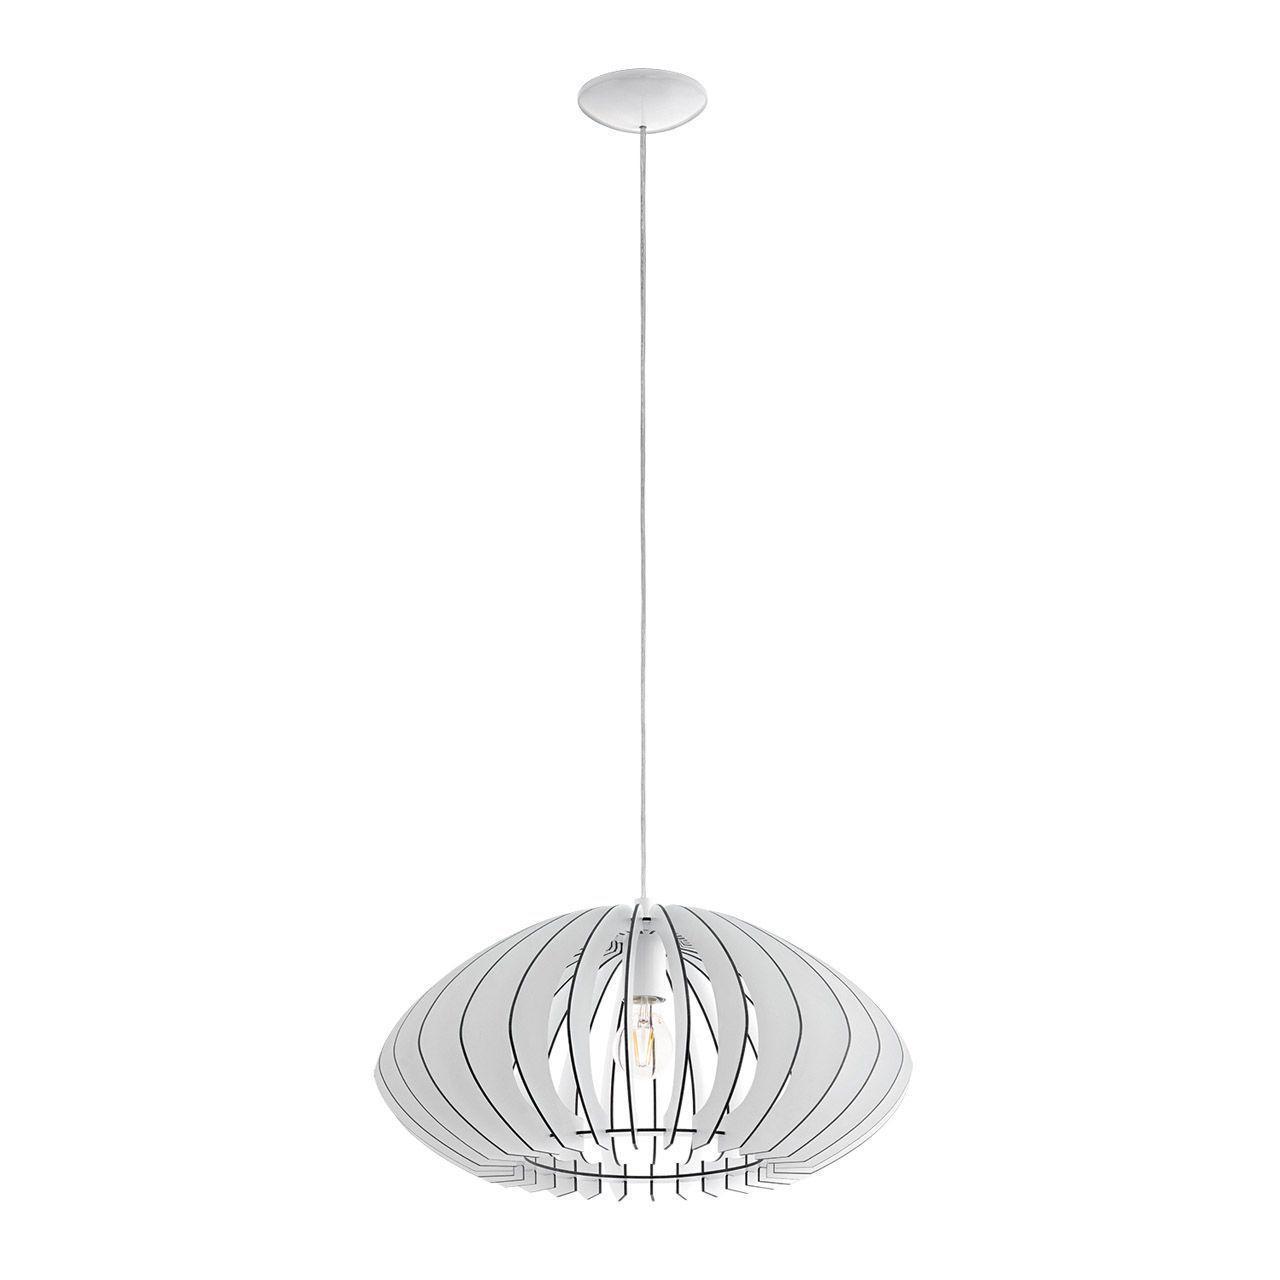 Подвесной светильник Eglo Cossano 2 95254 eglo подвесной светильник eglo truro 2 49387